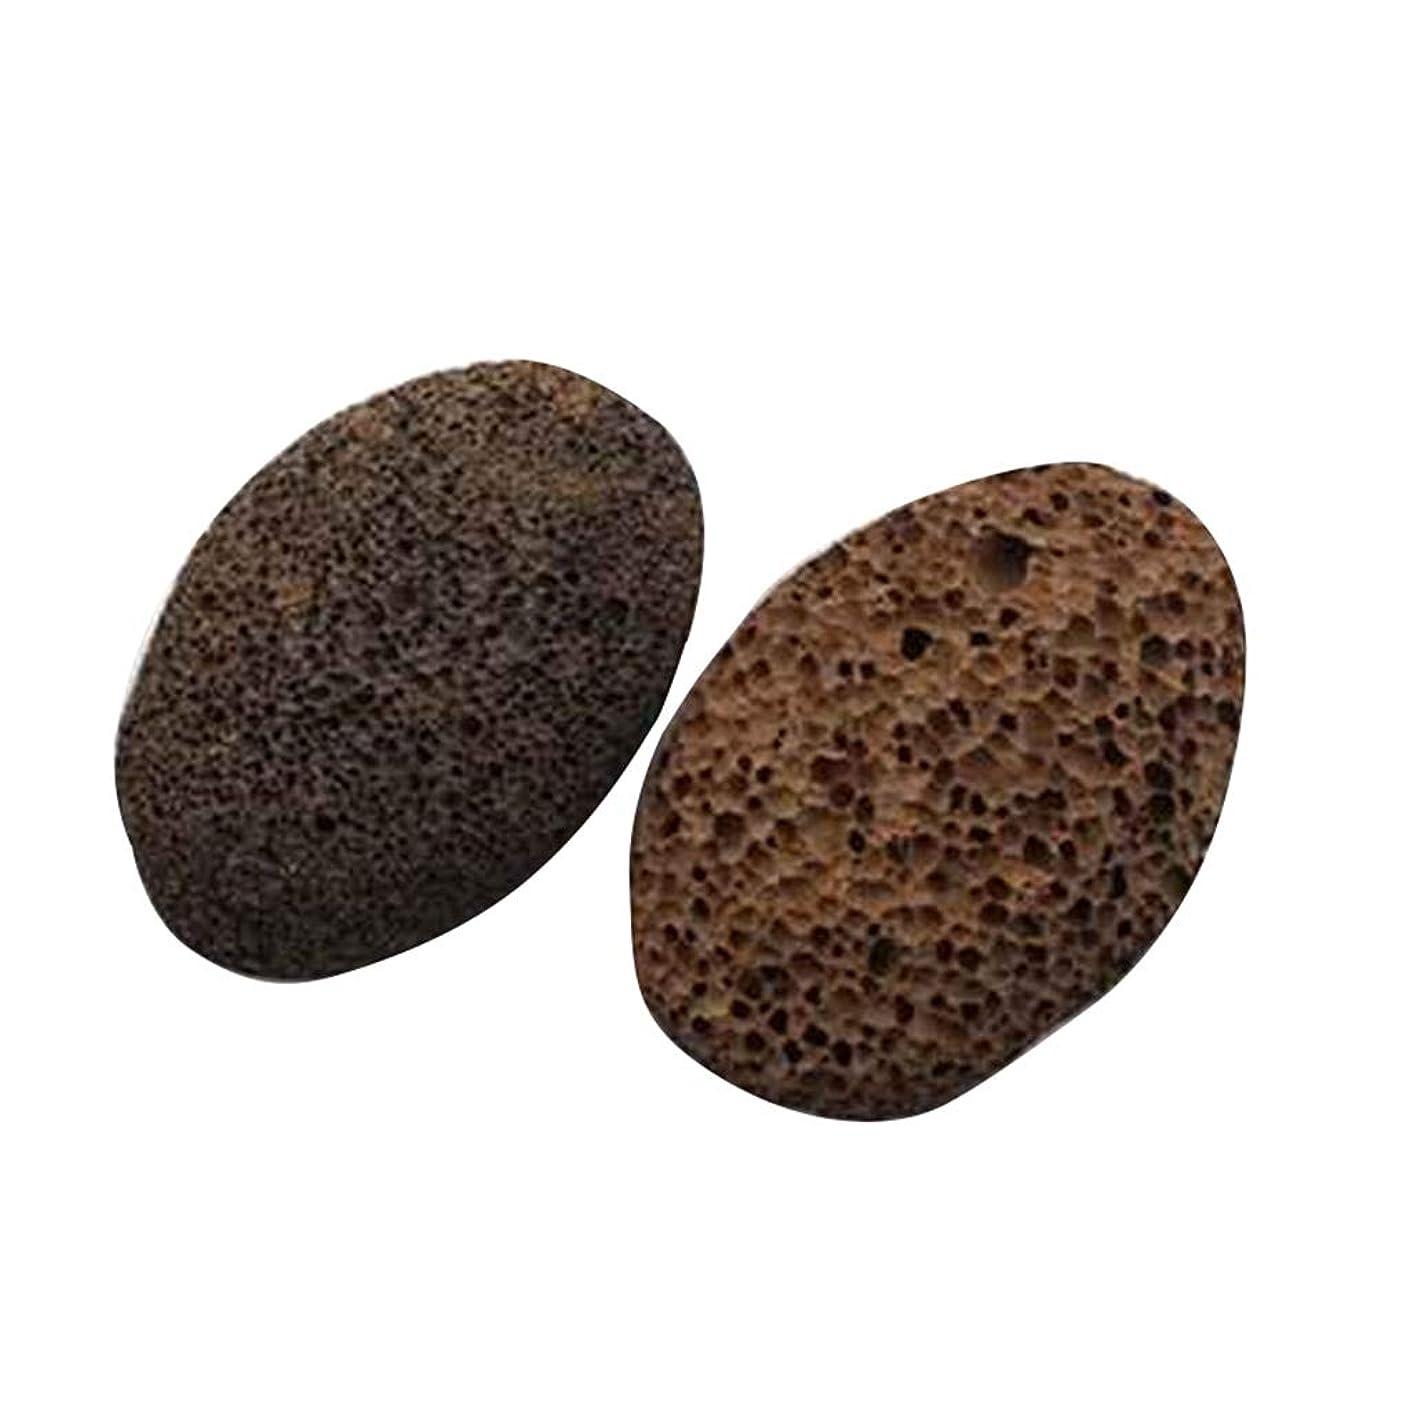 余分な普通に嘆願Nerhaily 死んだ皮軽石を取り除き 足石を挽いて 自然の火山石を剥がします 足マッサージ石 ワイプ足石 2個セット